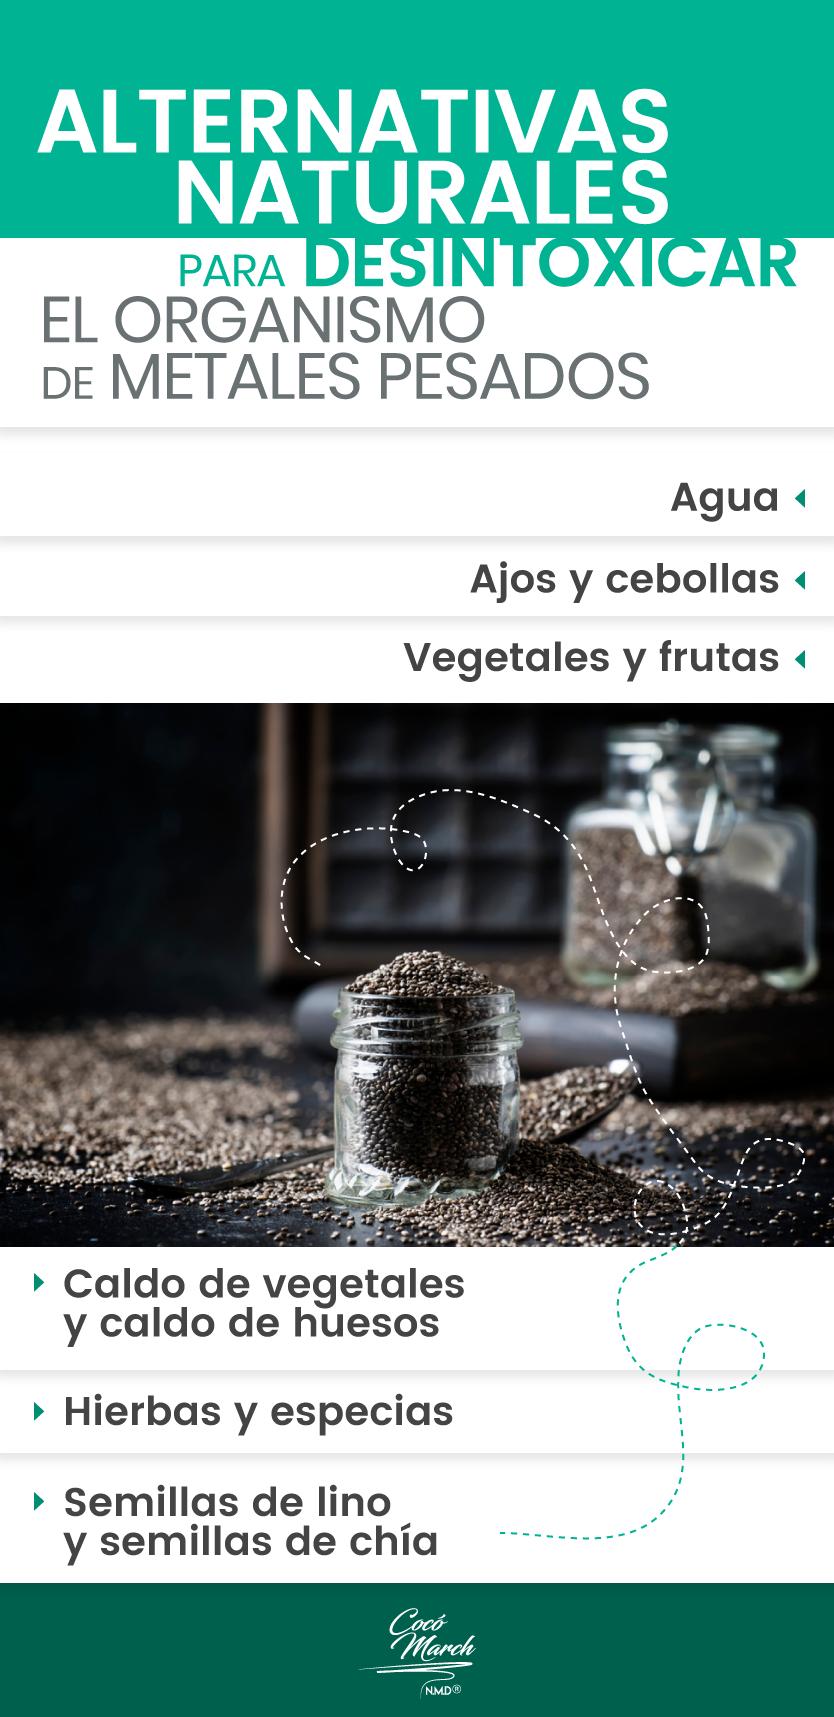 alternativas-naturales-para-desintoxicar-el-organimso-de-metales-pesados